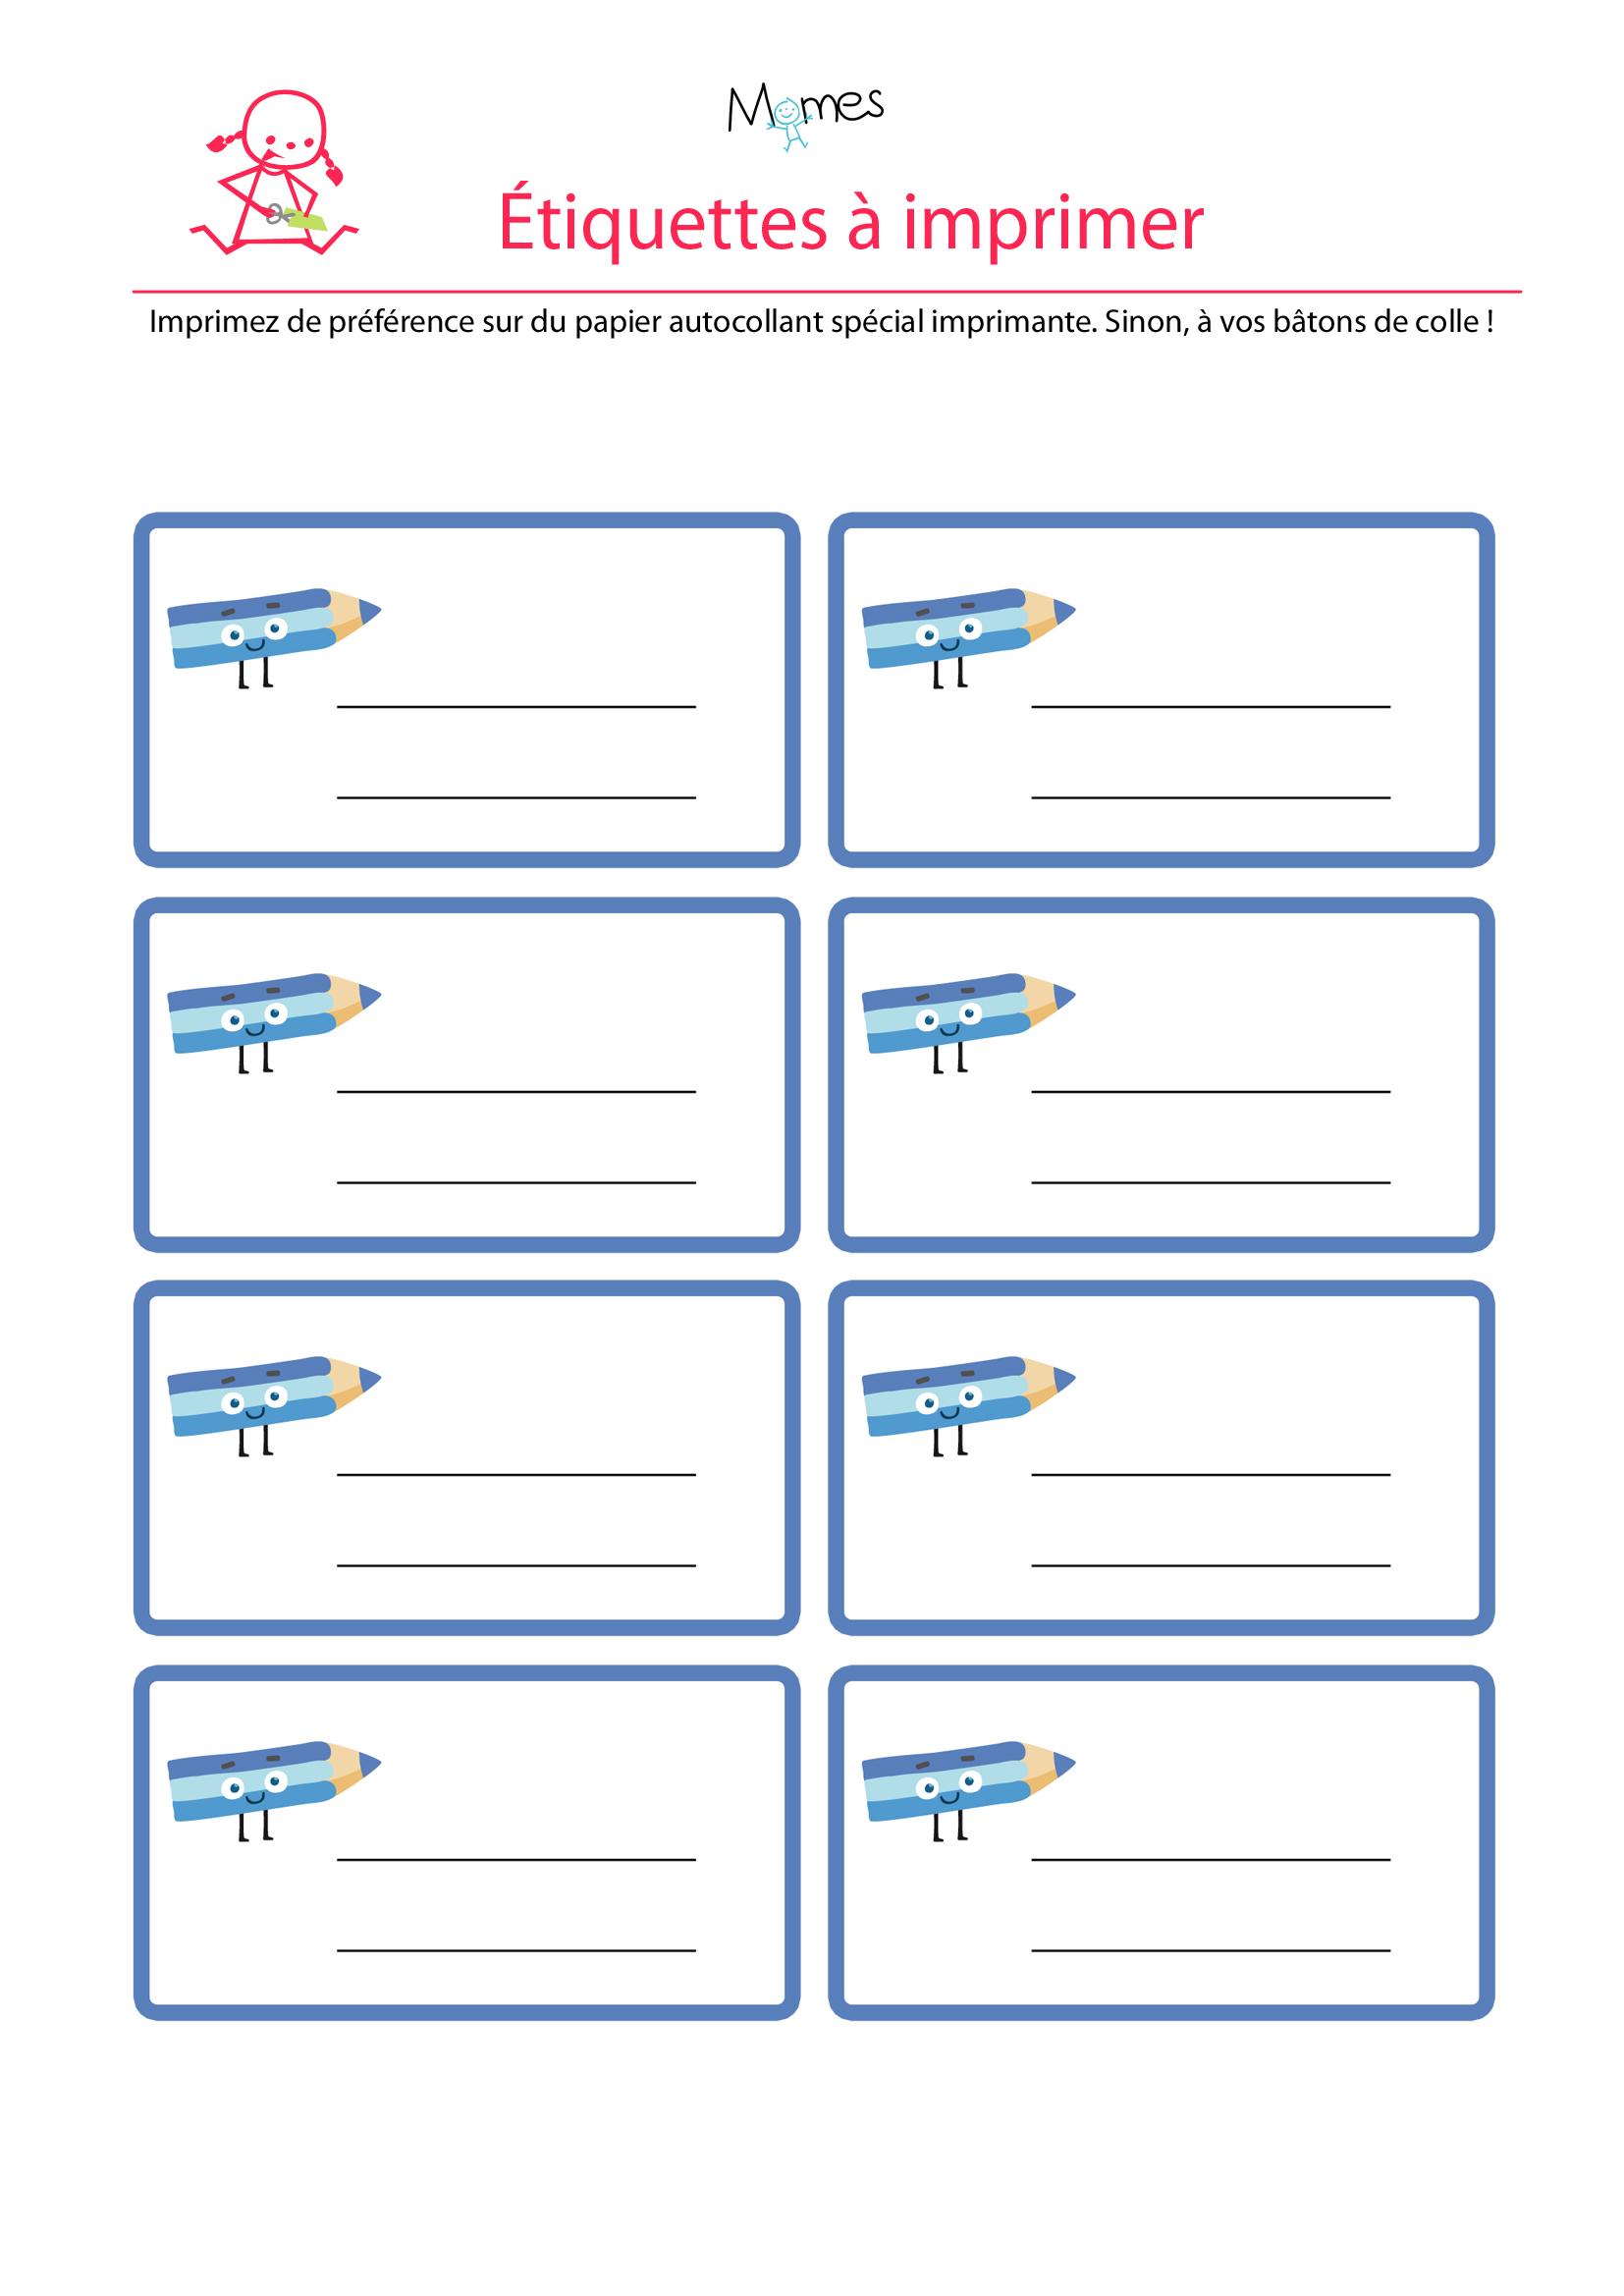 Les étiquettes à imprimer bleues